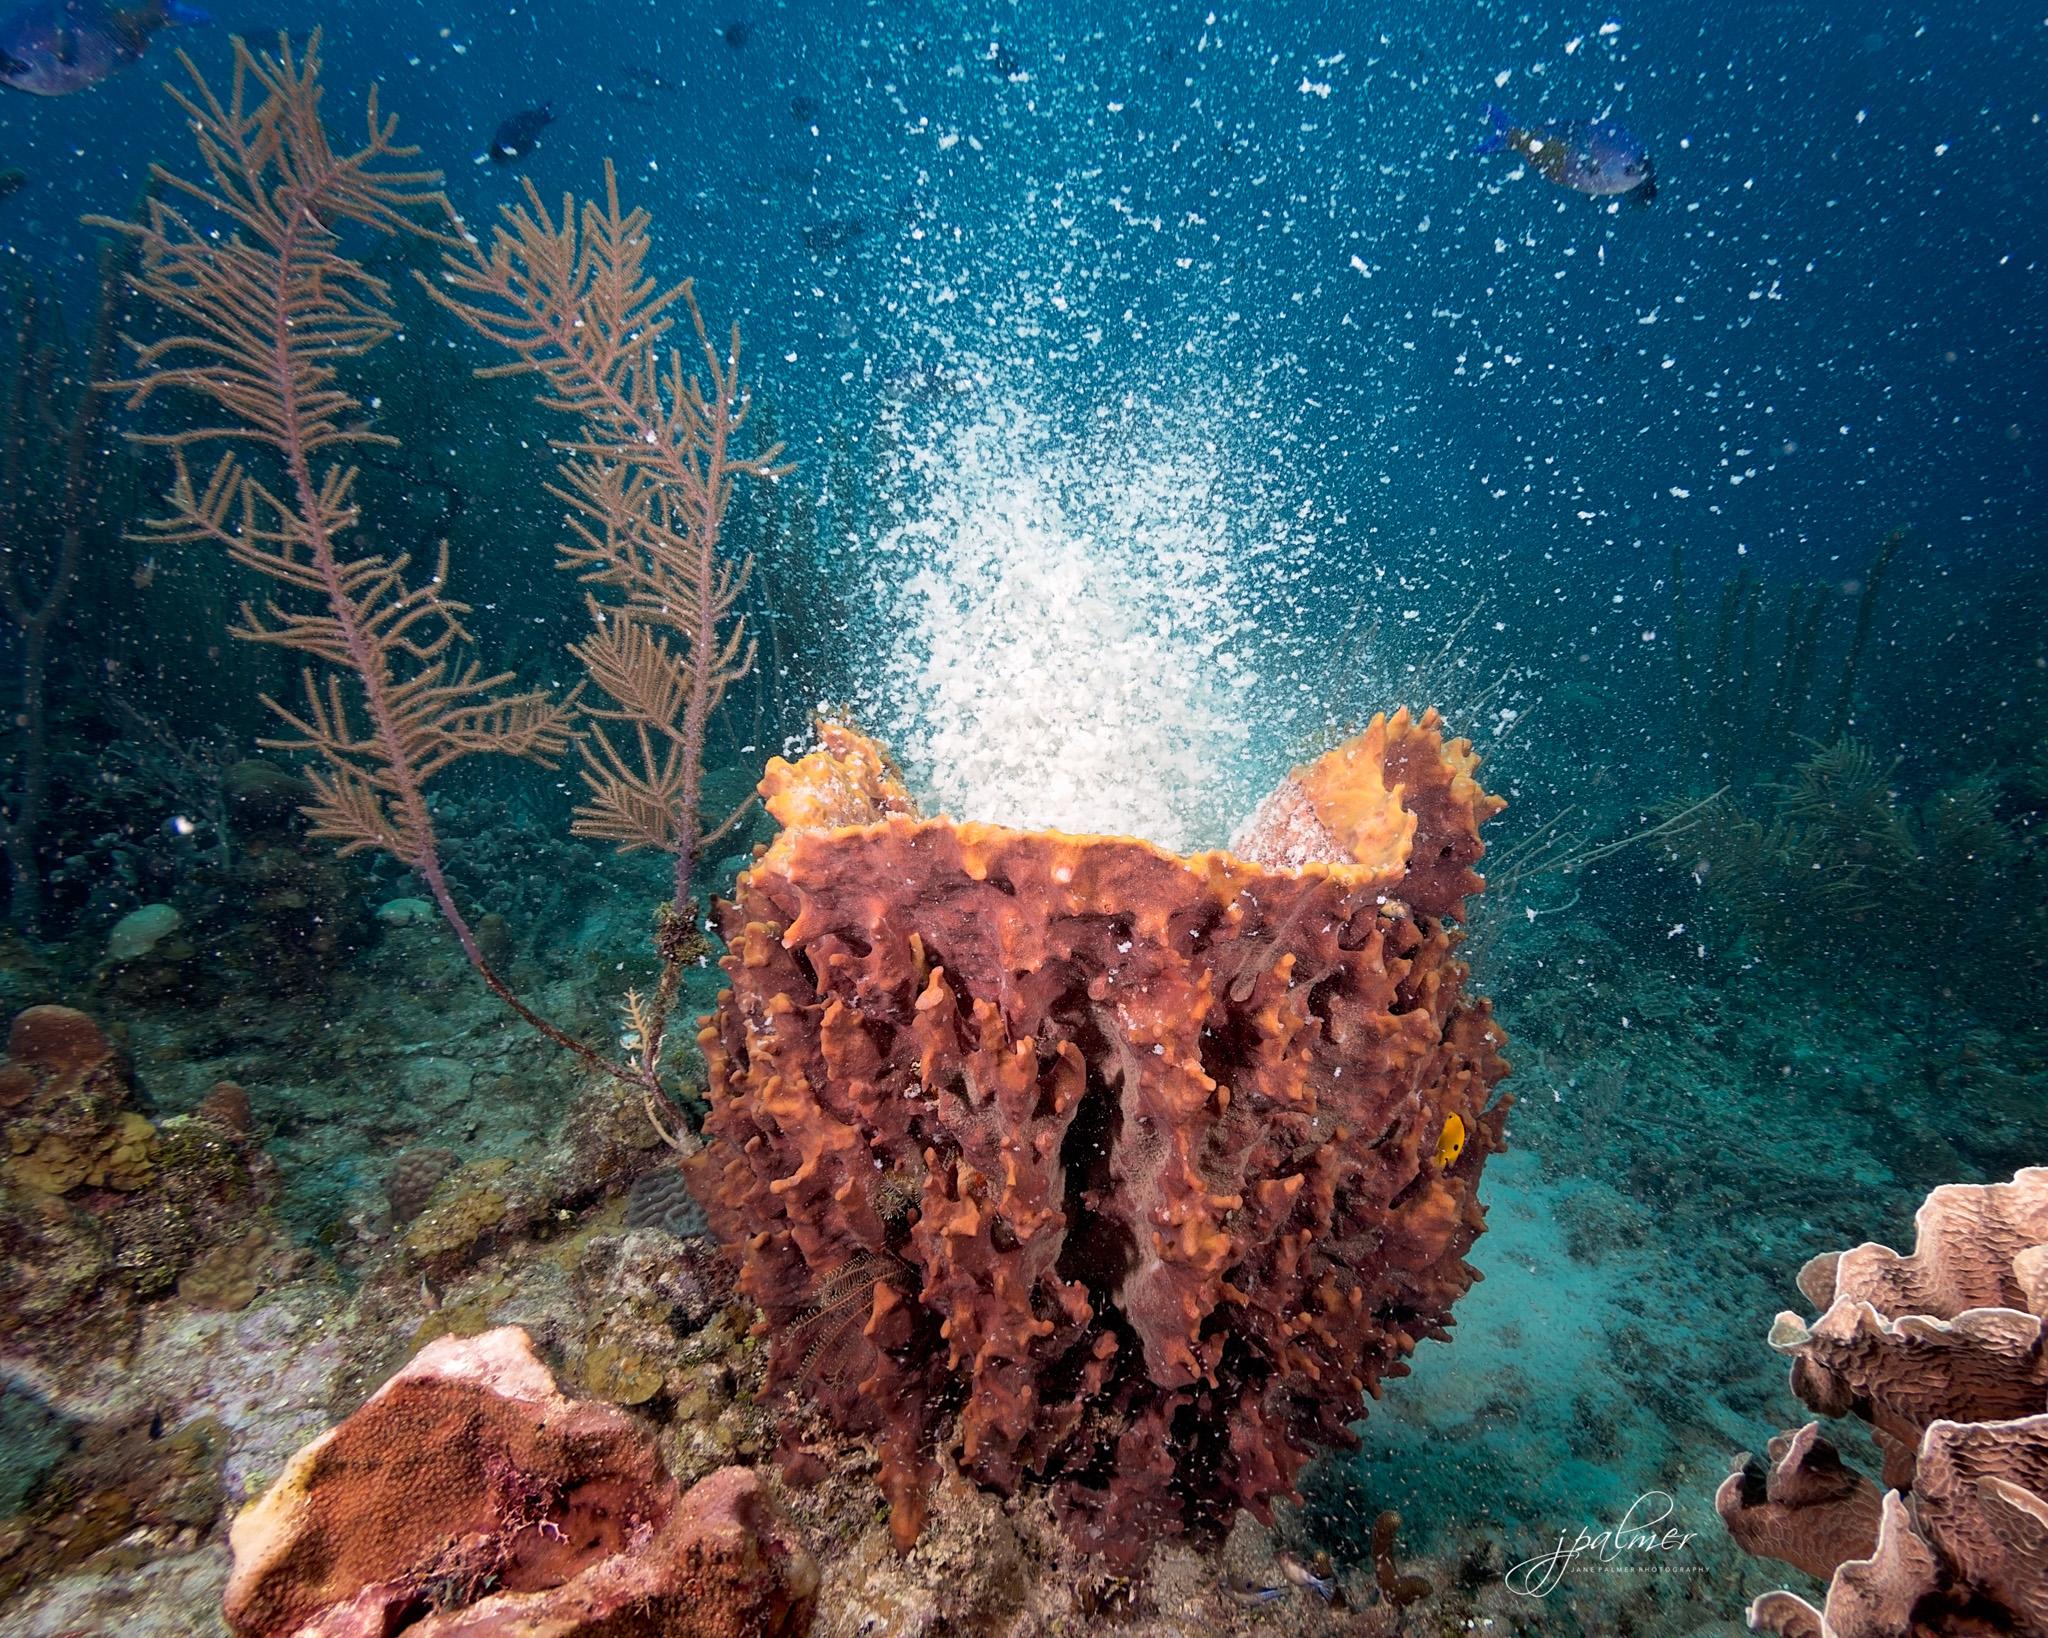 Spawning Barrel Sponge